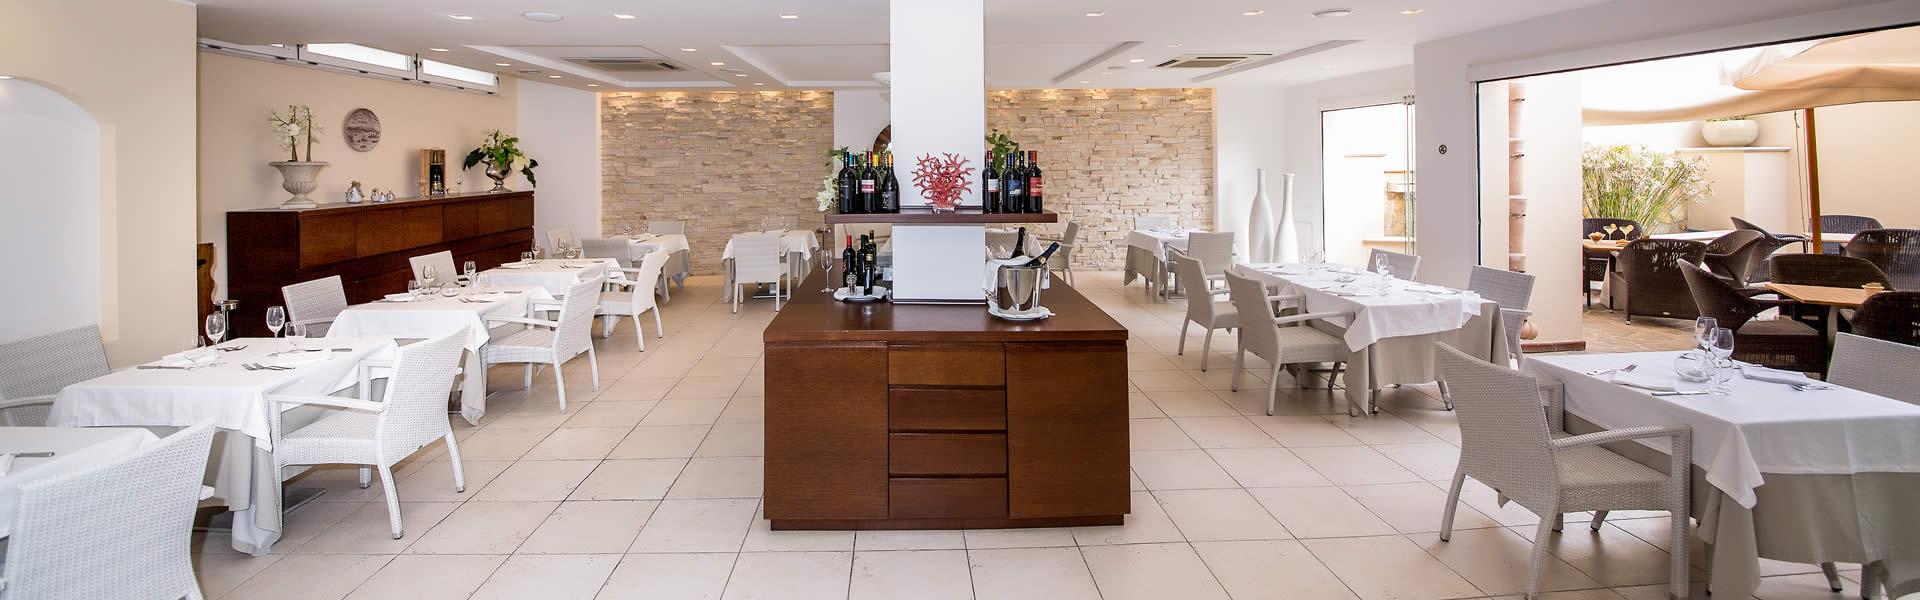 In un angolo suggestivo,  l'HTM  accoglie i suoi ospiti  per deliziarne i sensi con i tipici sapori della gastronomia mediterranea, o solo per poter gustare un aperitivo in pieno relax.